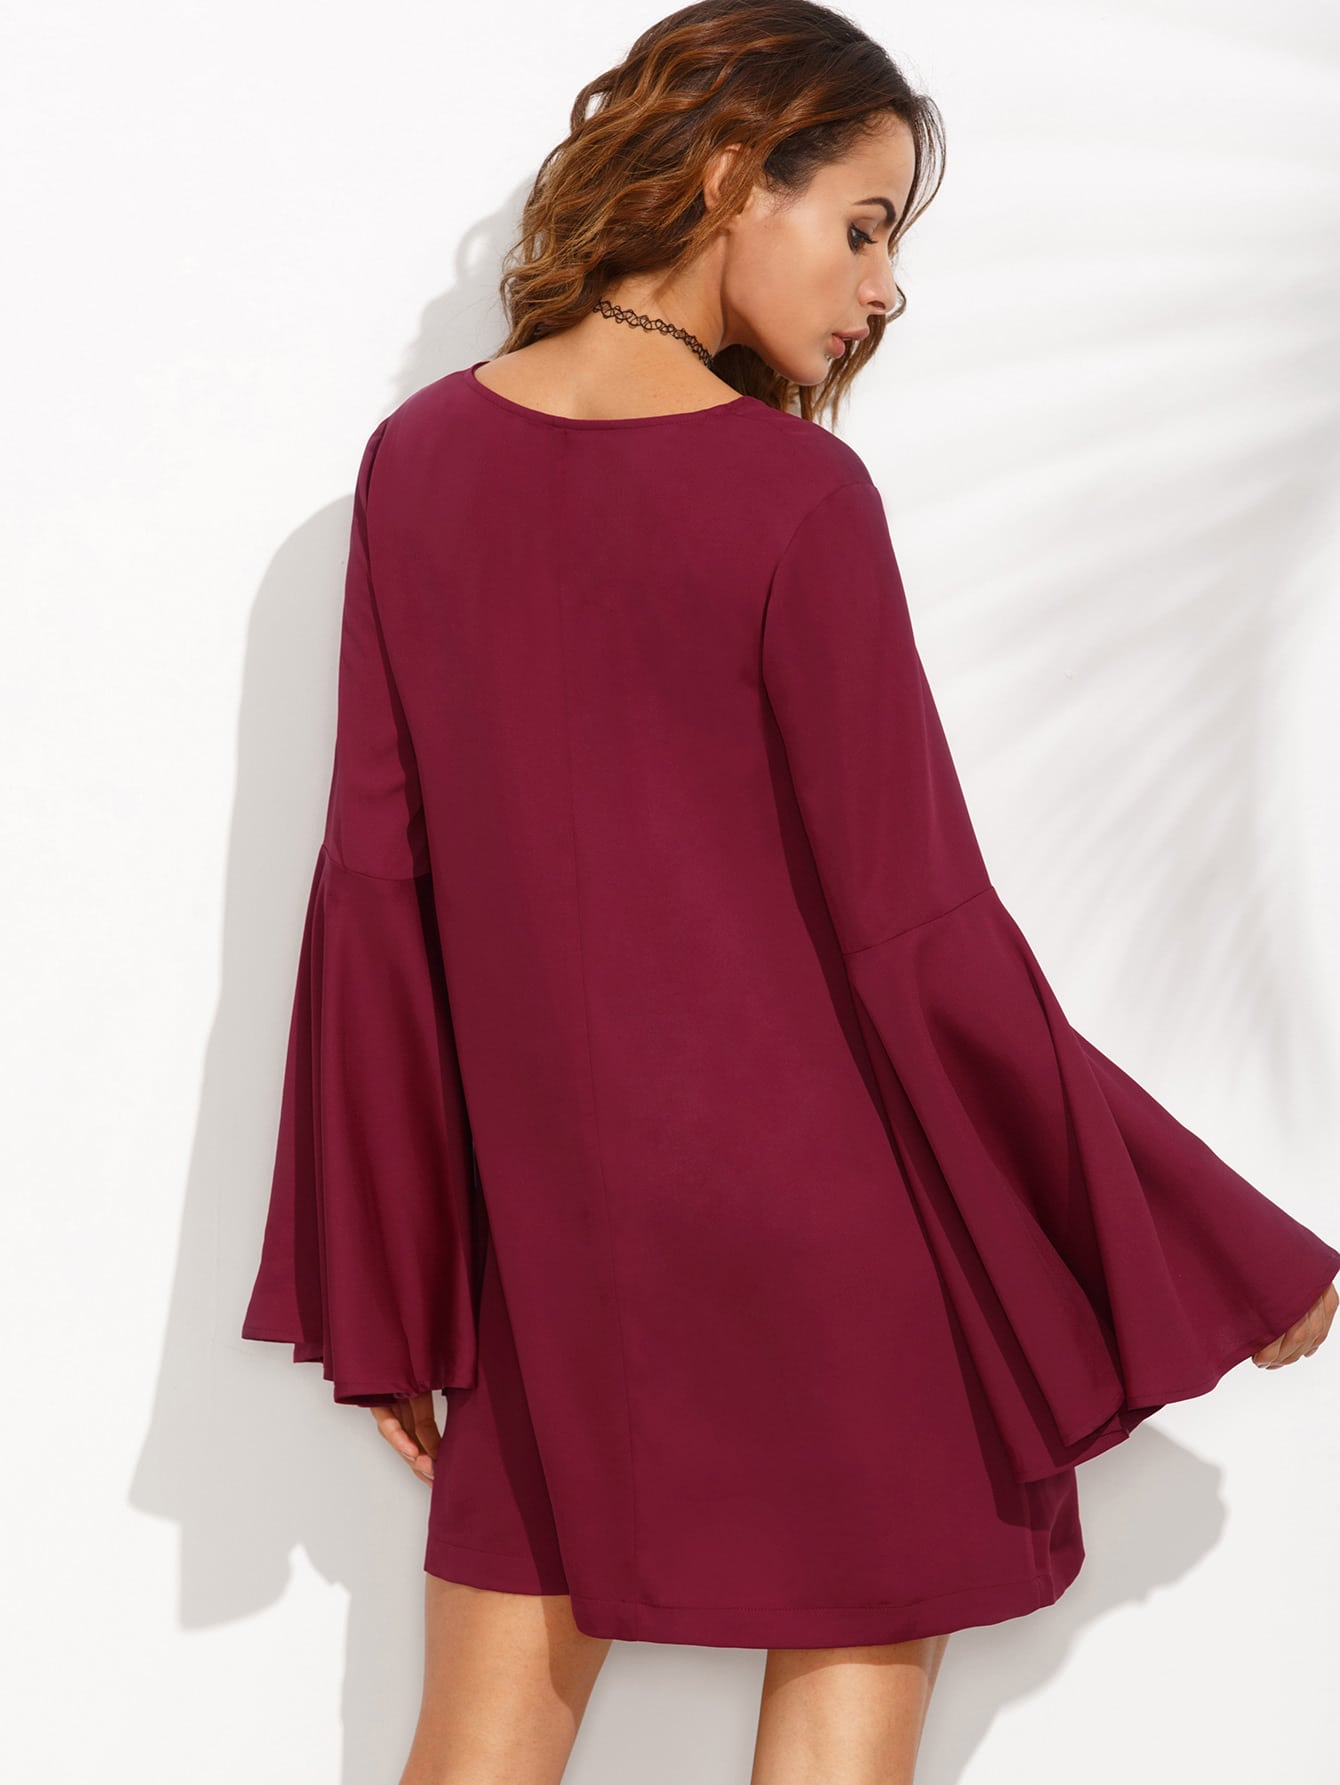 dress160802707_5